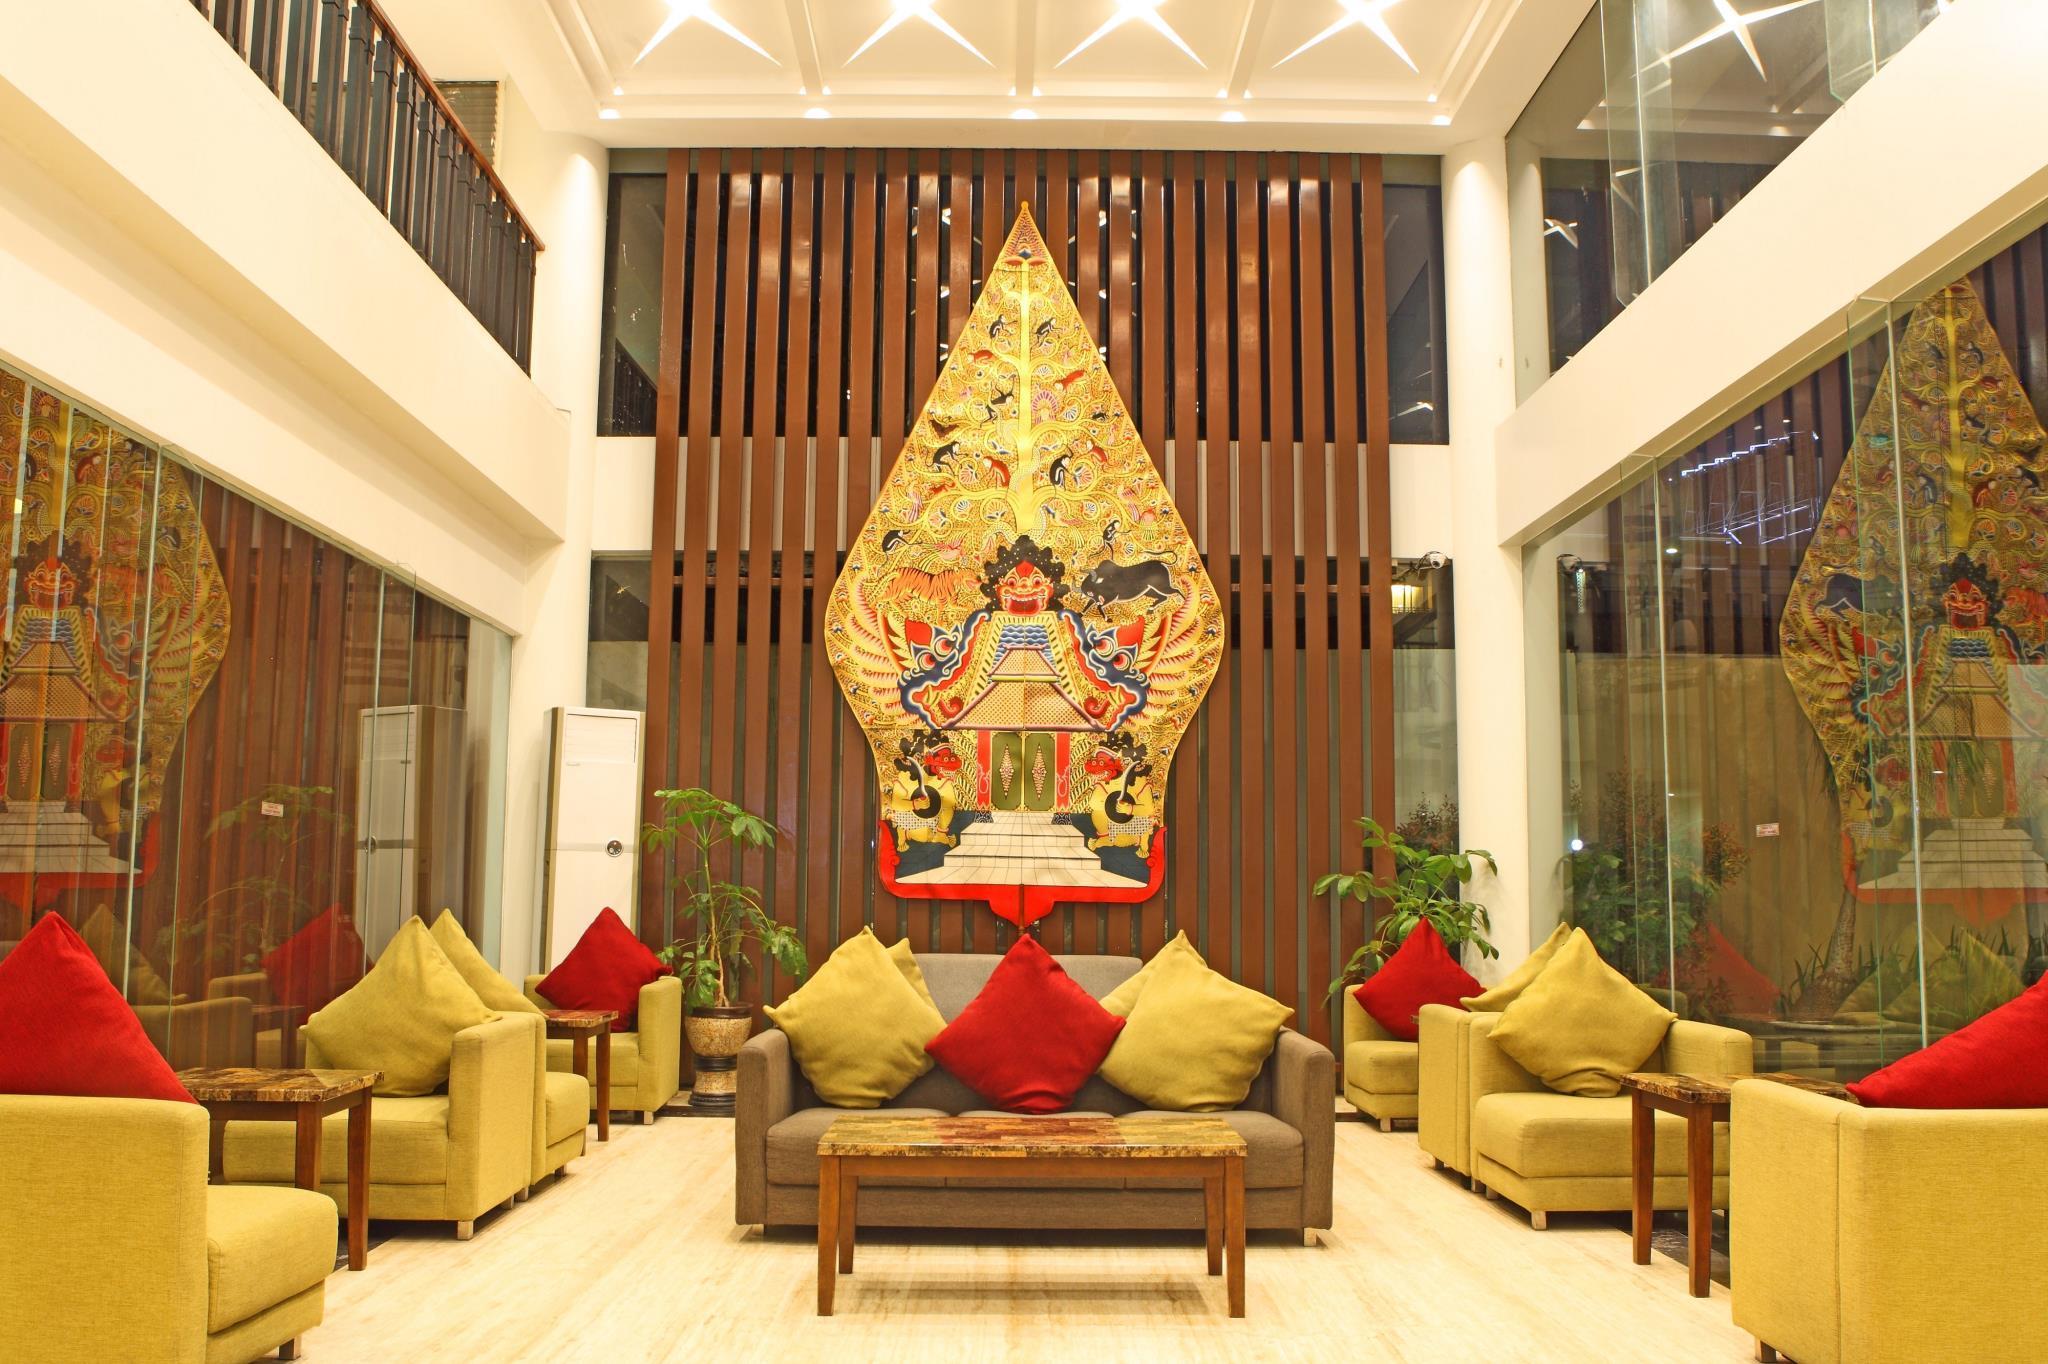 @HOM Platinum Malioboro by Horison, Yogyakarta